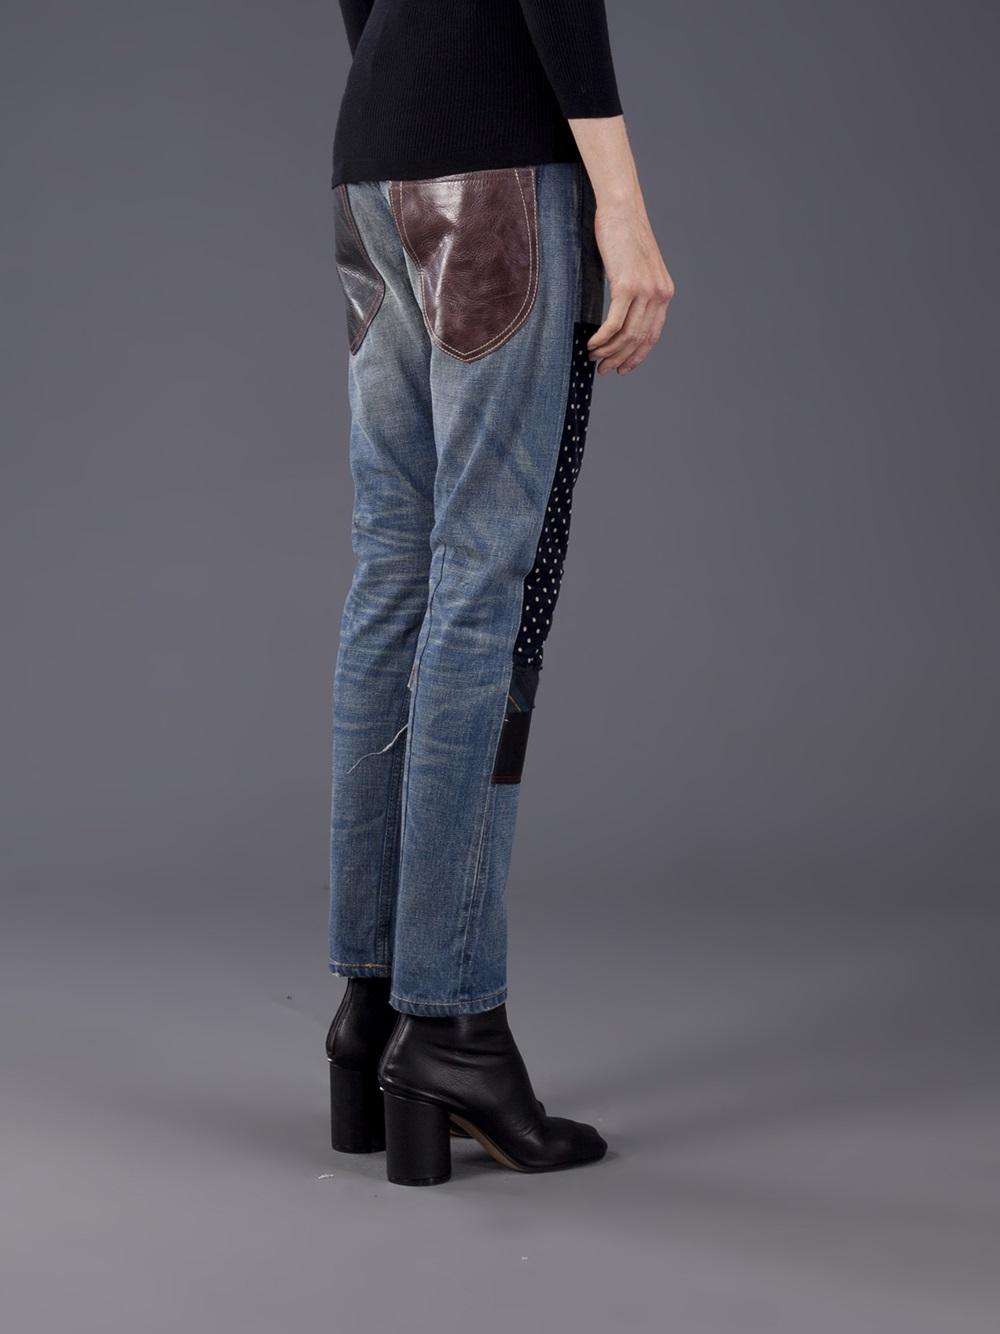 Junya Watanabe Comme Des Garçons Patchwork Jean - A'maree's - Farfetch.com_files.jpg